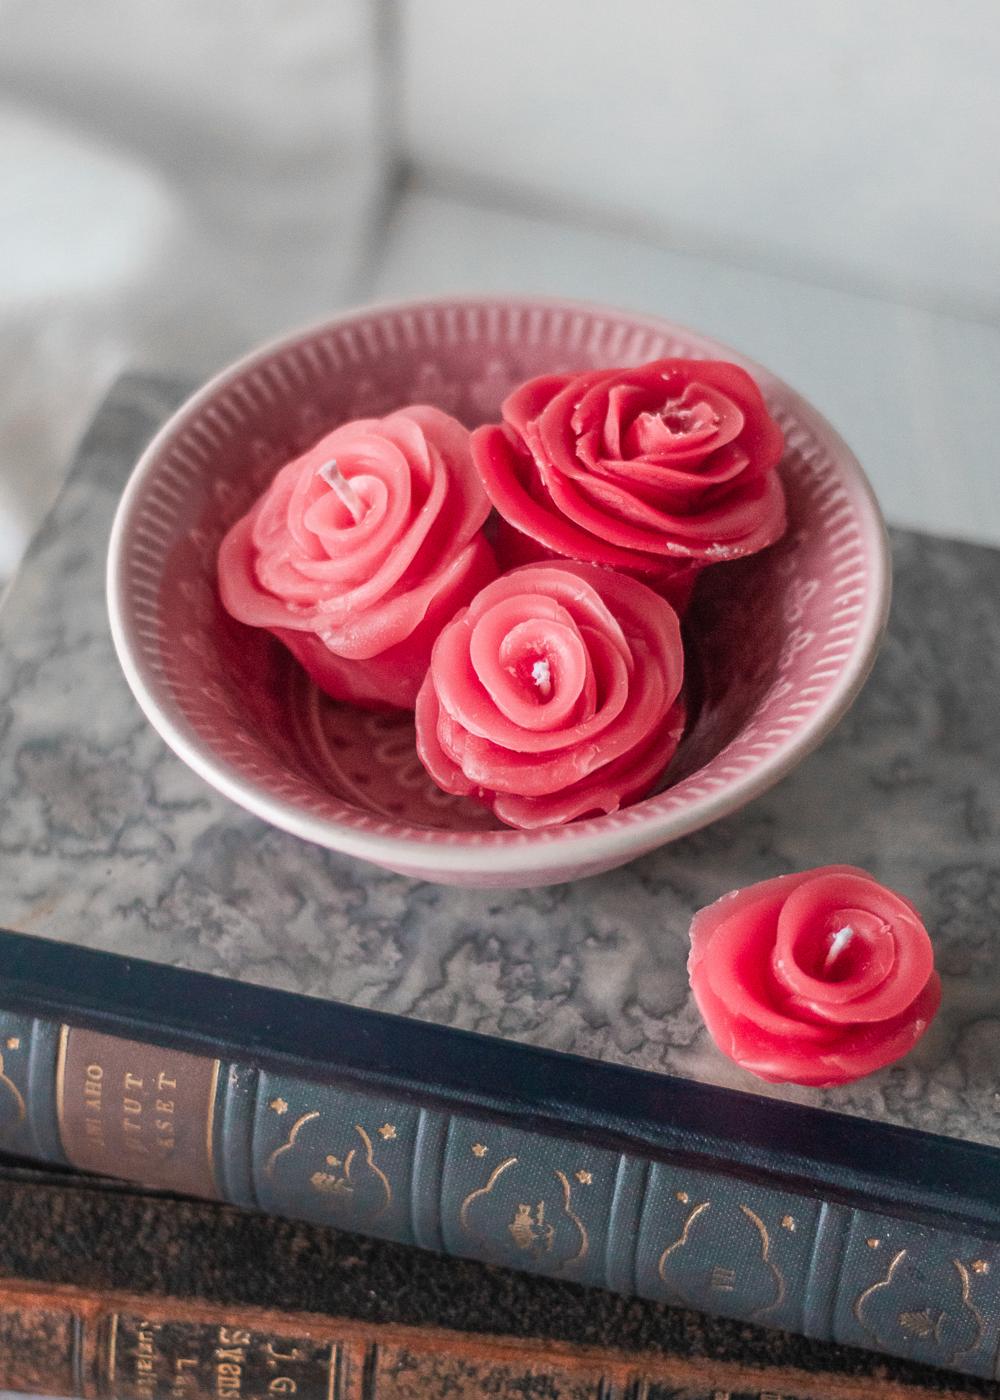 DIY Rosljus / Forma rosor av ljus / By Sandramaria / Sandramarias.com